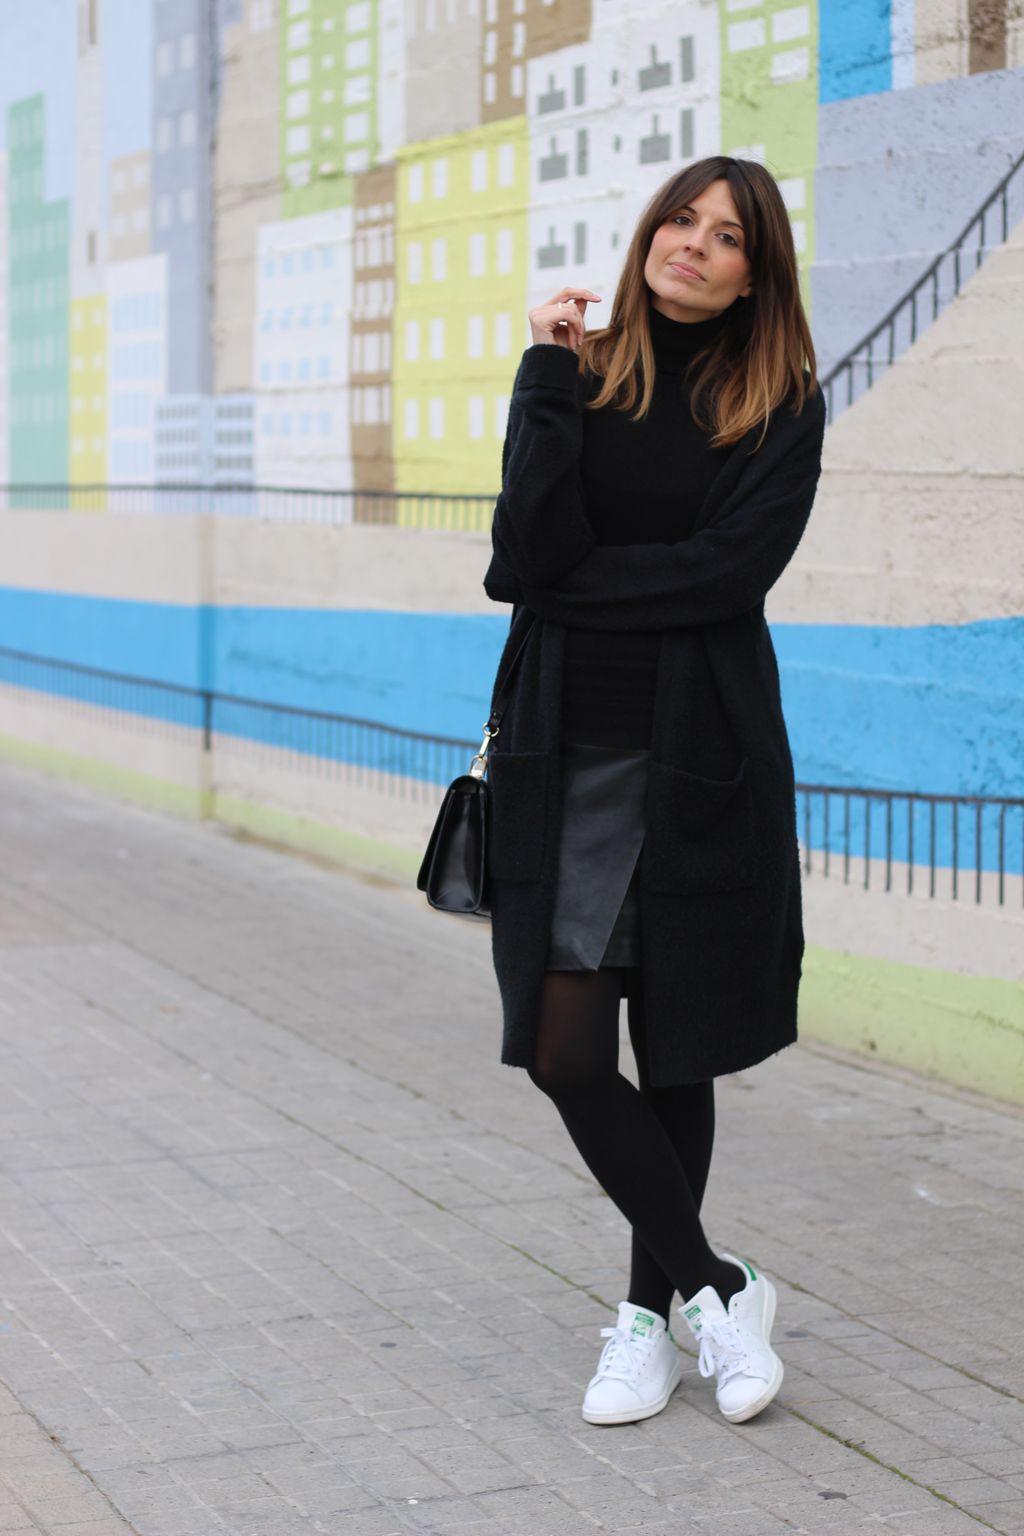 Fashion blogger con zapatillas blancas adidas stan smith